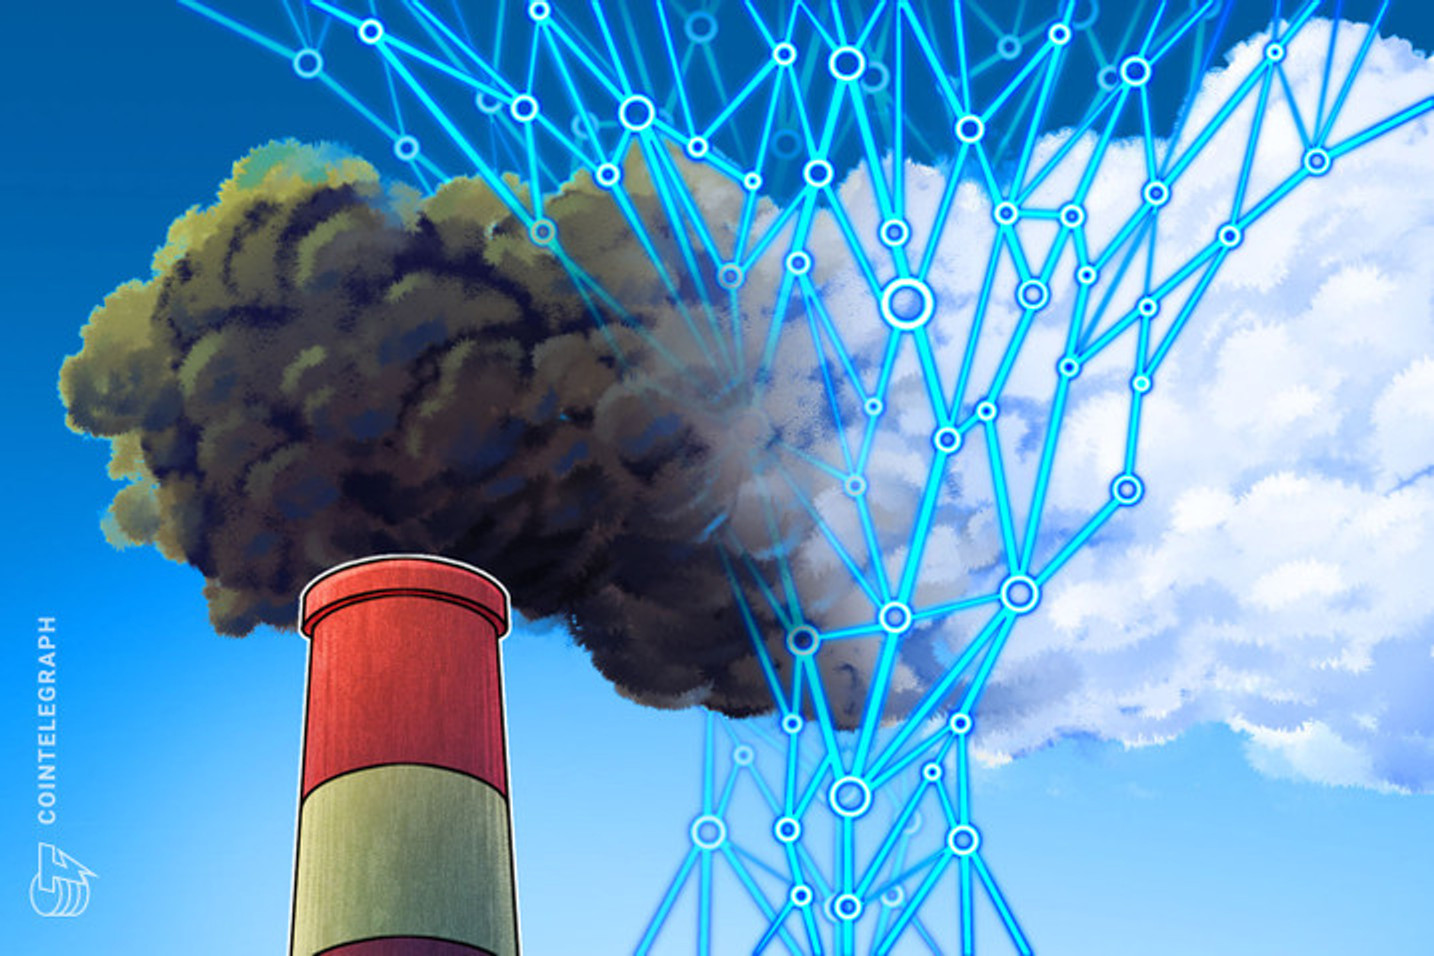 環境対策にNFTを活用、カーボンオフセットのトークン化に注目が集まる